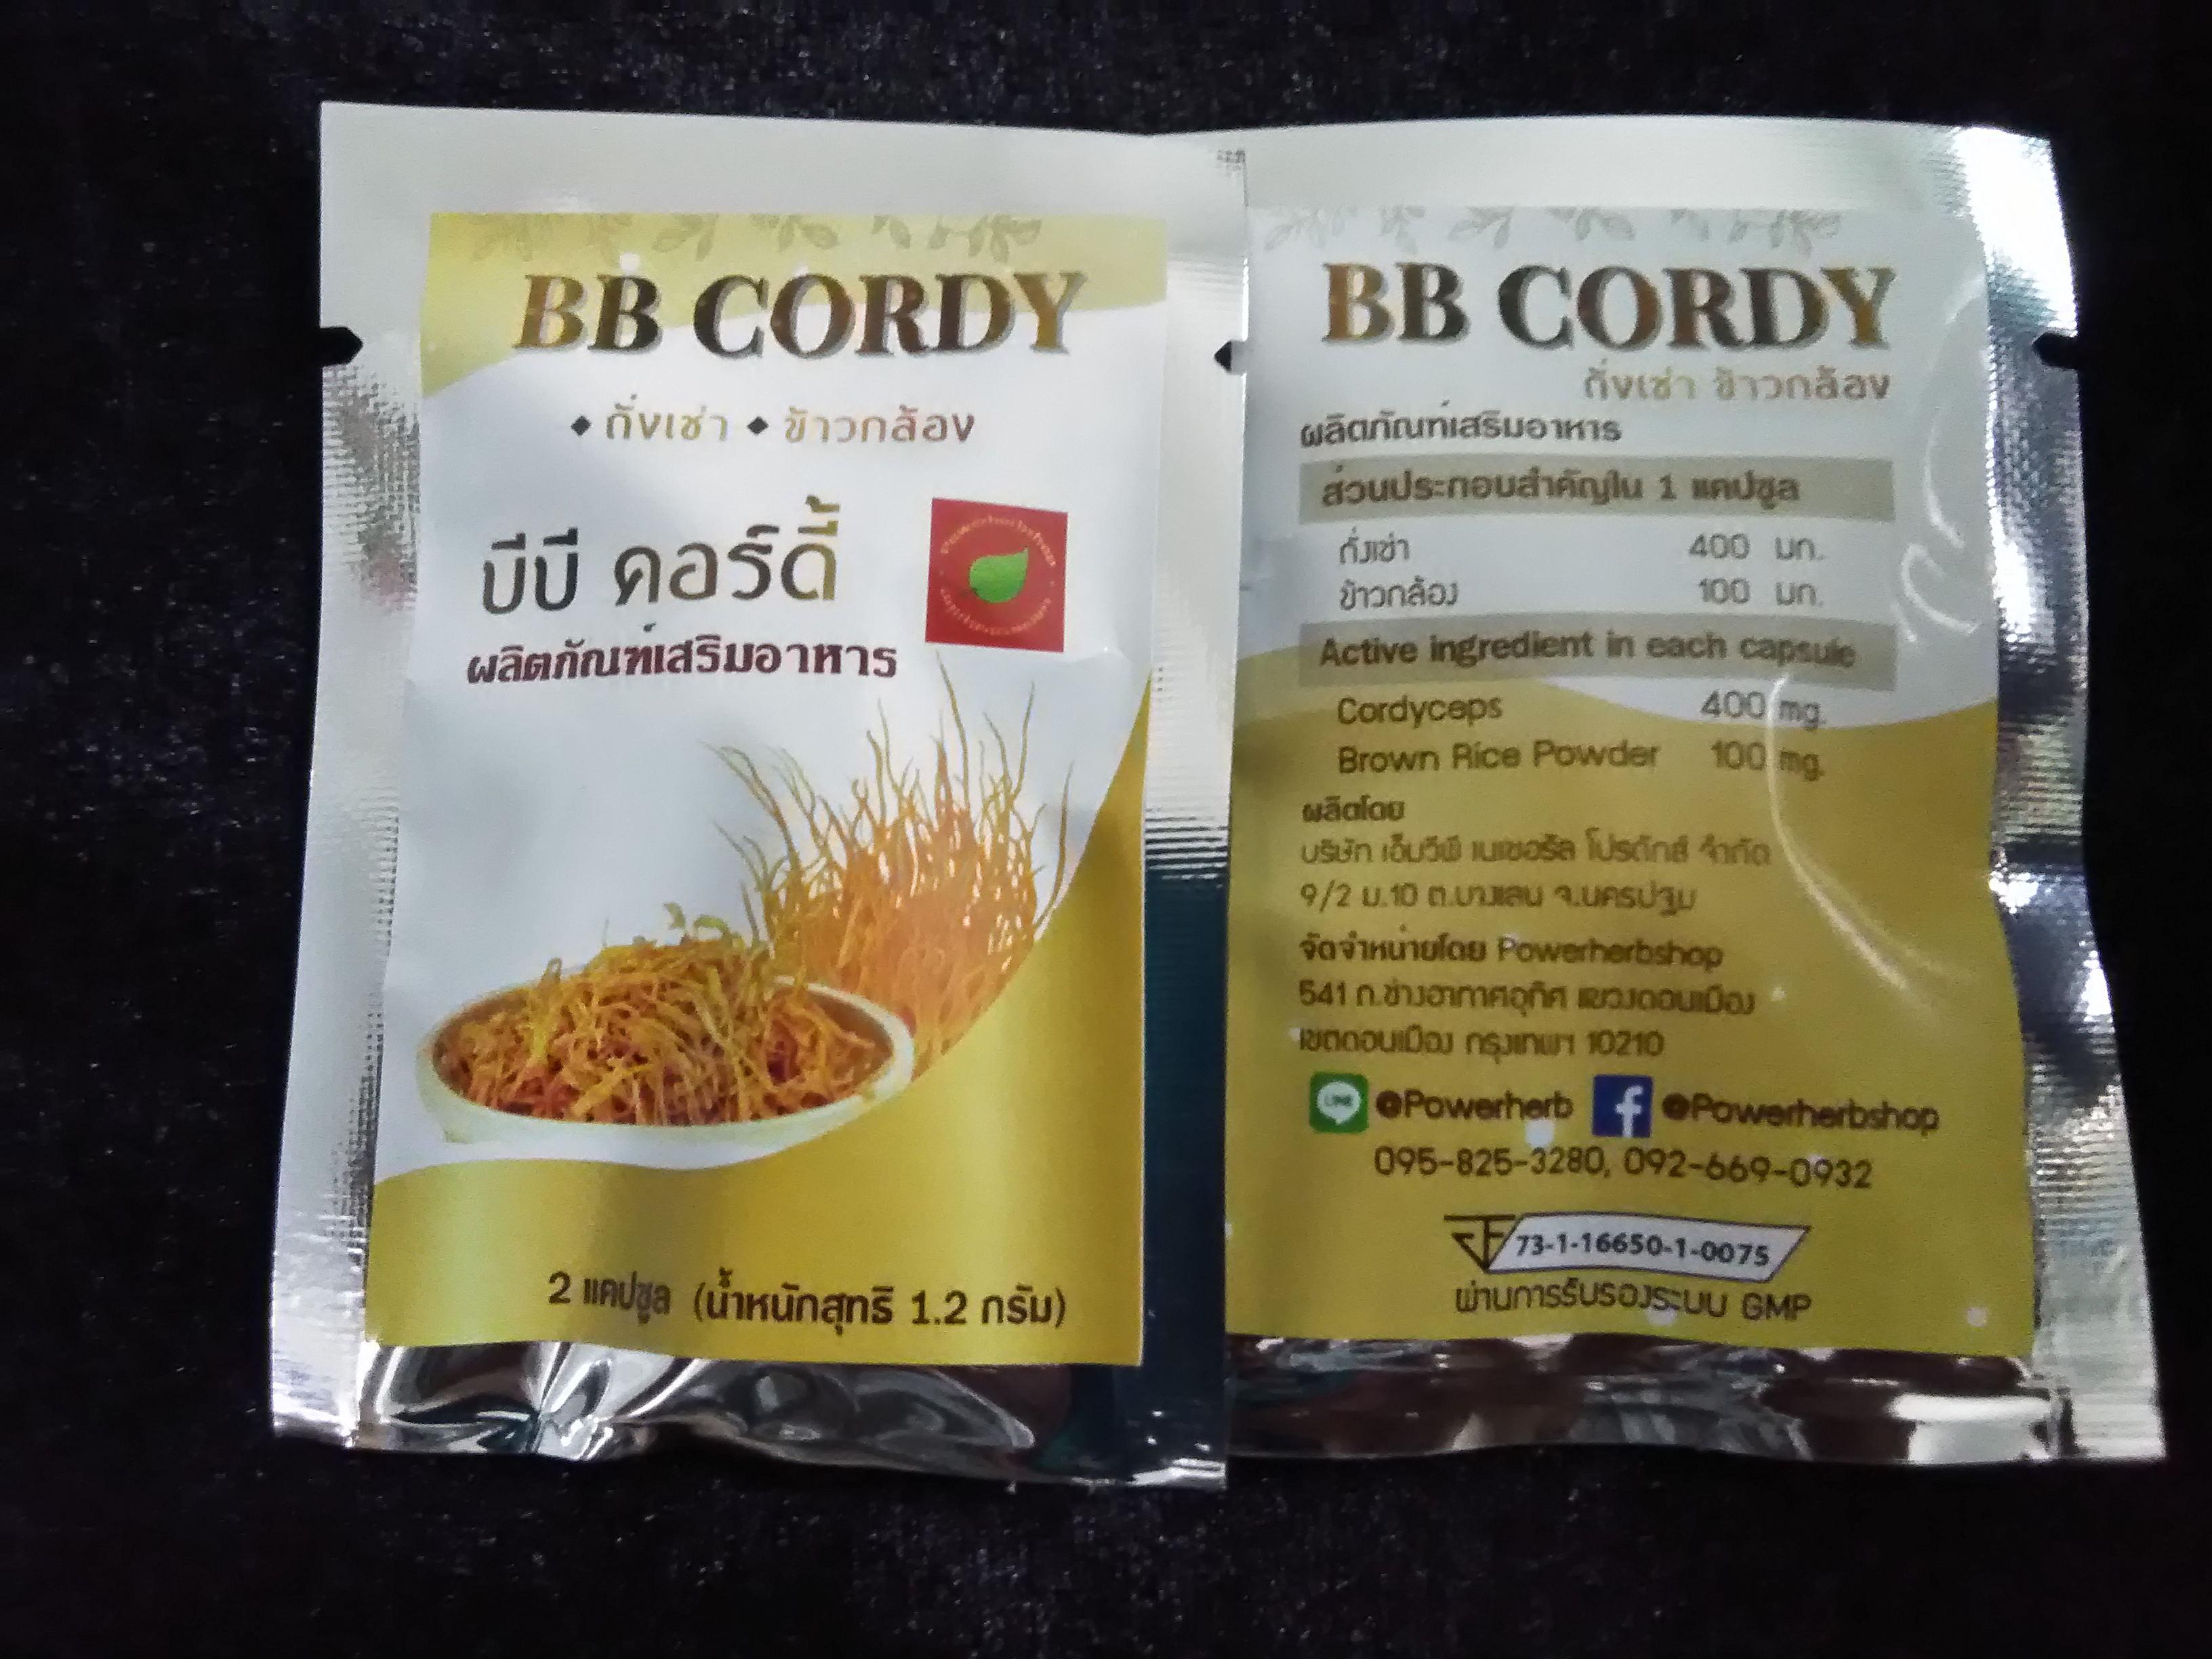 BB Cordy บีบี คอร์ดี้ 2 แคปซูล/ซอง จำนวน 5 ซอง